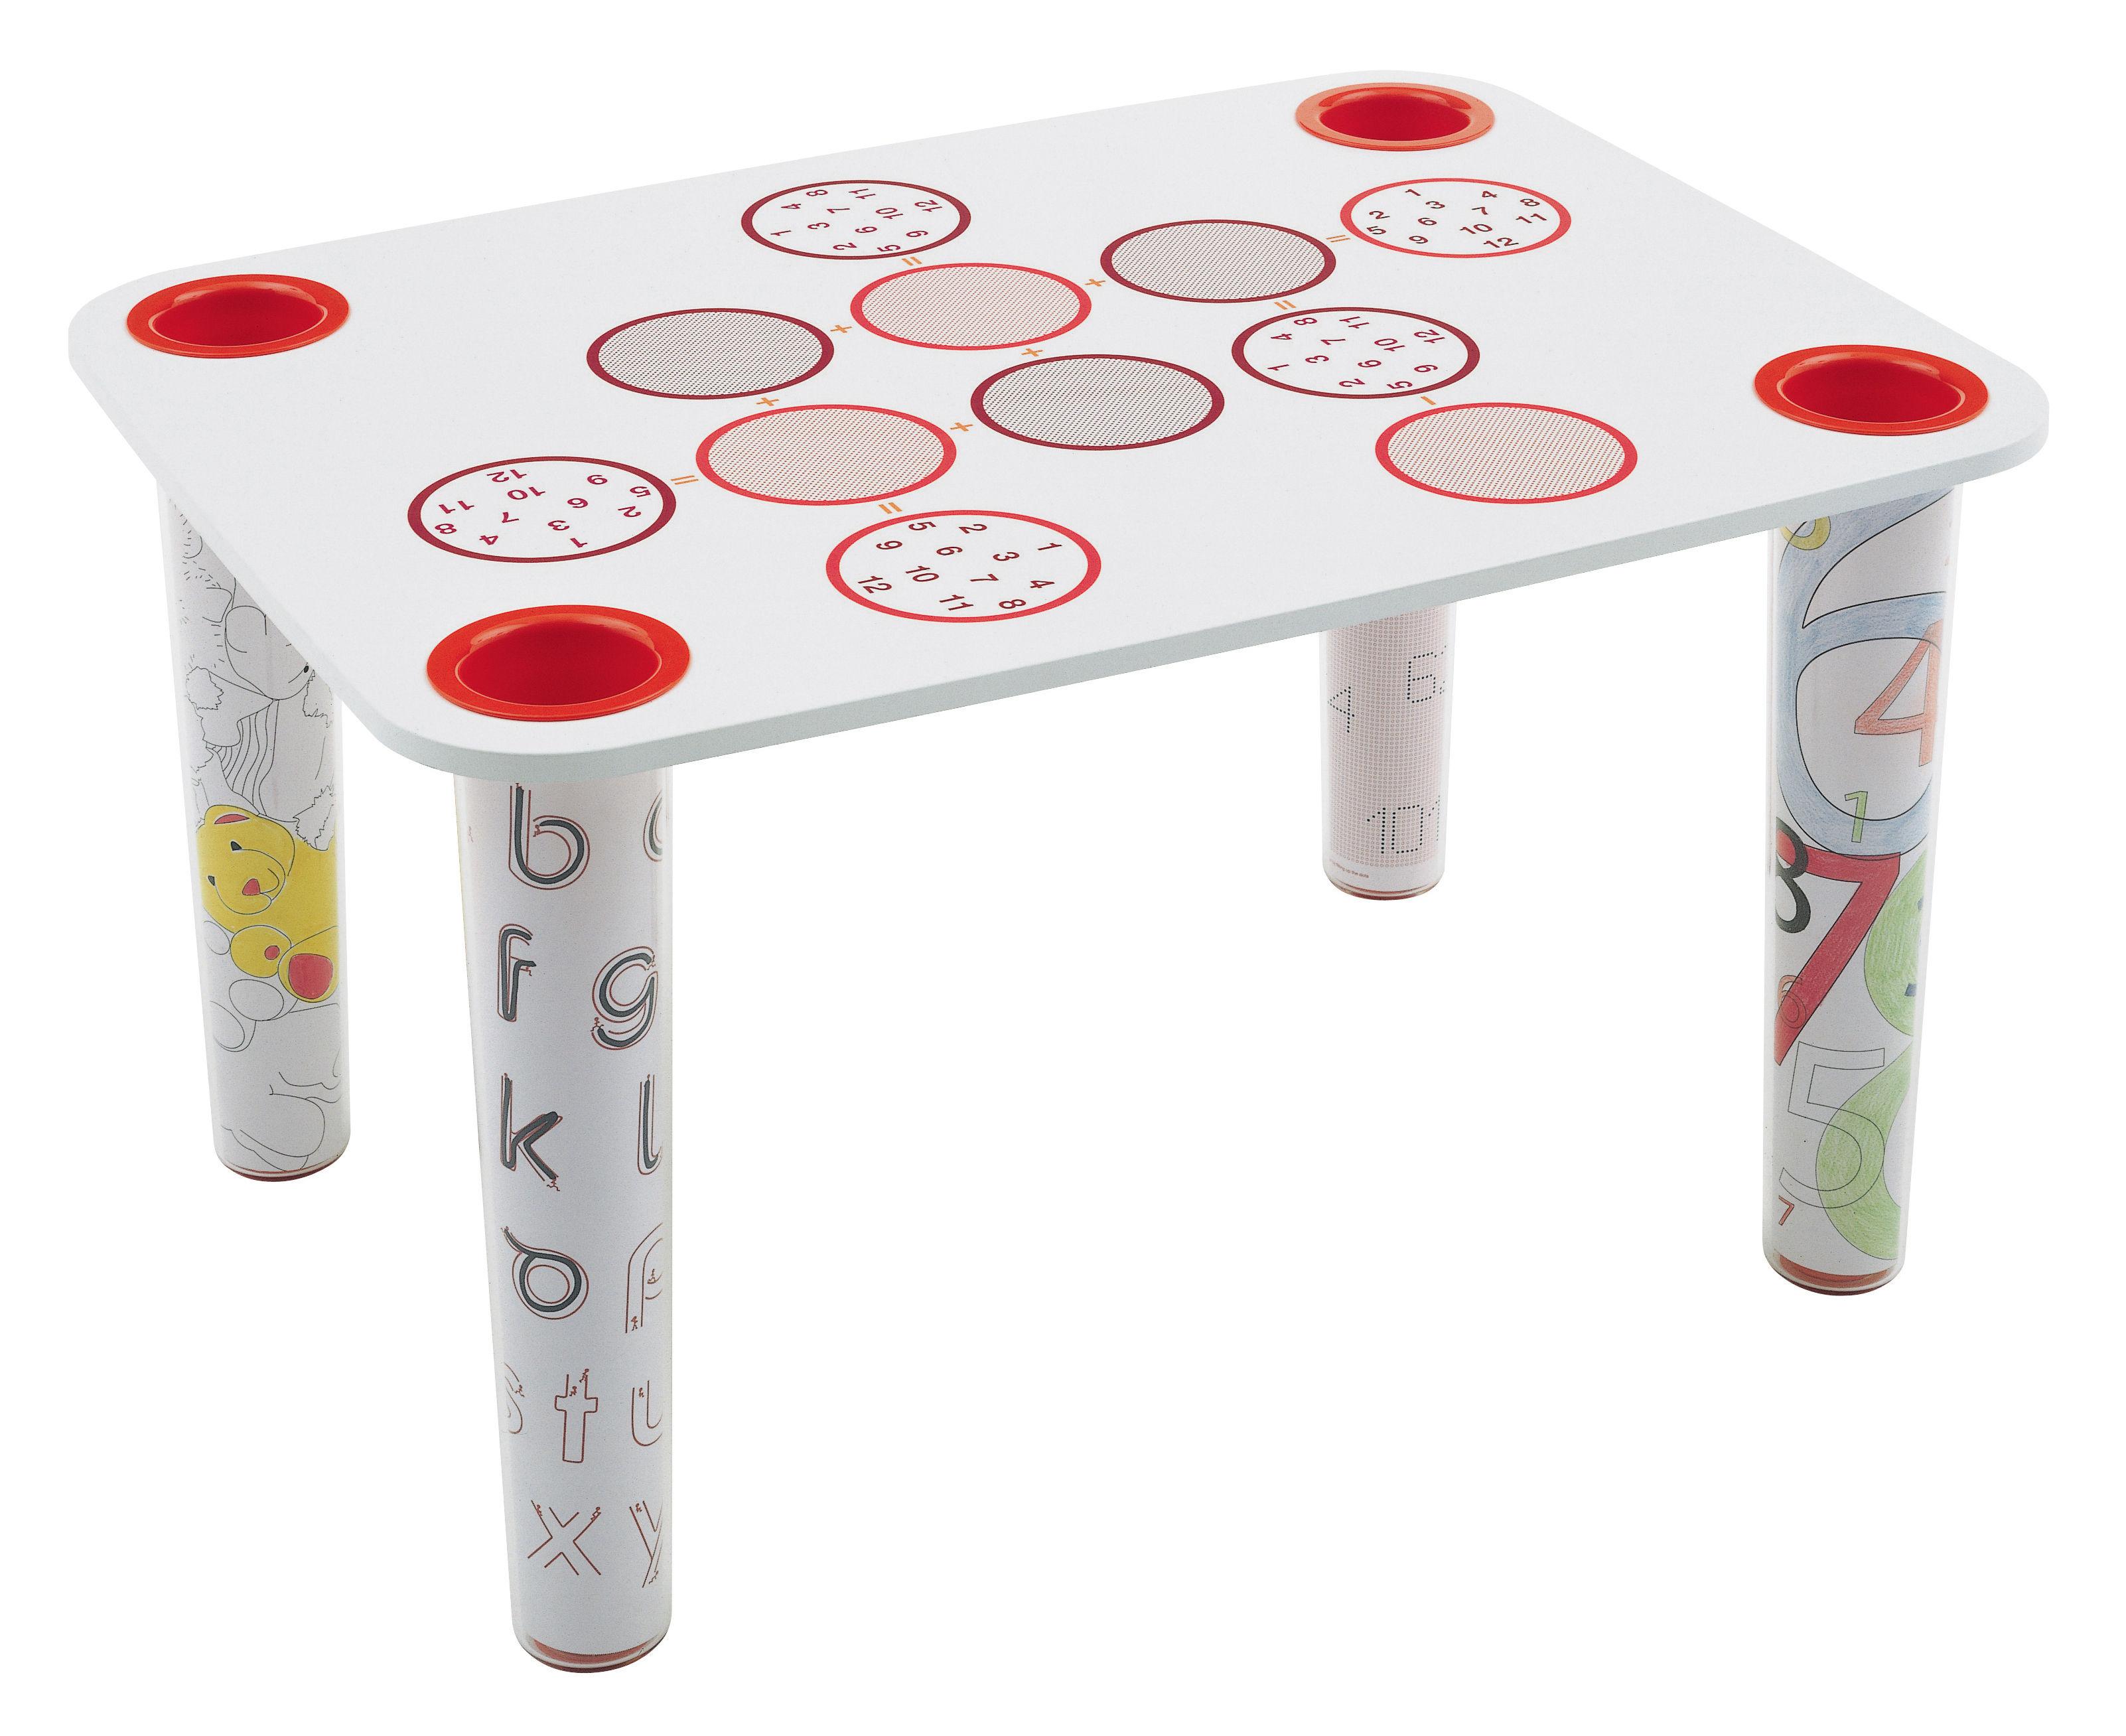 Mobilier - Mobilier Kids - Accessoire table / Plateau Little Flare - Modèle Circle - Magis Collection Me Too - Plateau seul / Décoration Cercles - MDF finition polymère